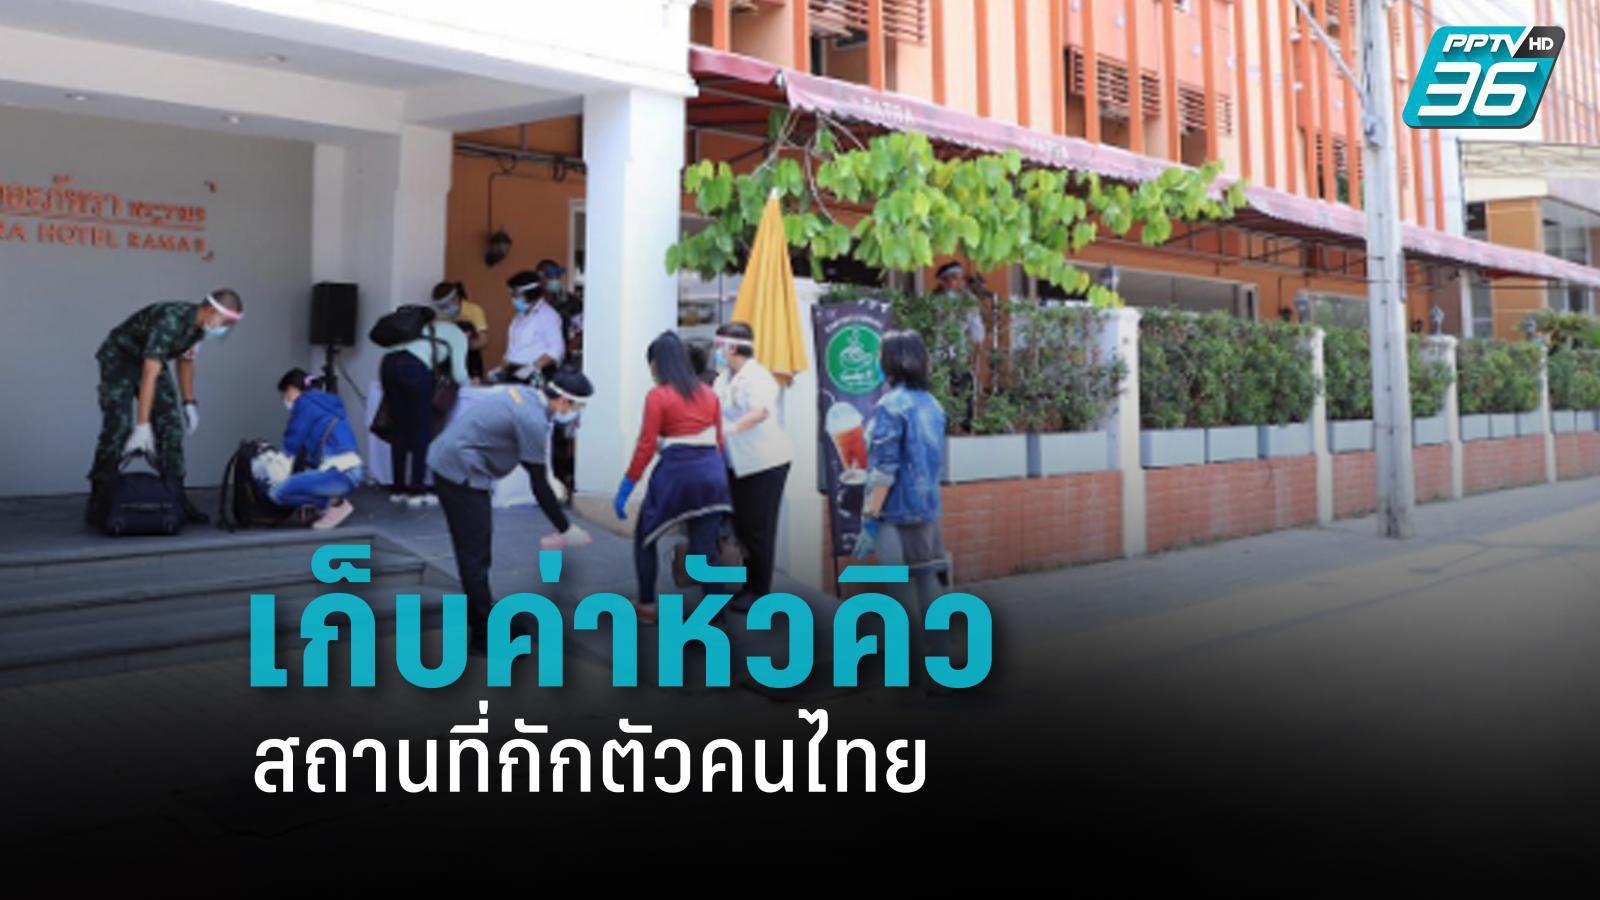 ศบค.ยัน ไม่มีเก็บค่าหัวคิว สถานที่กักตัวคนไทย